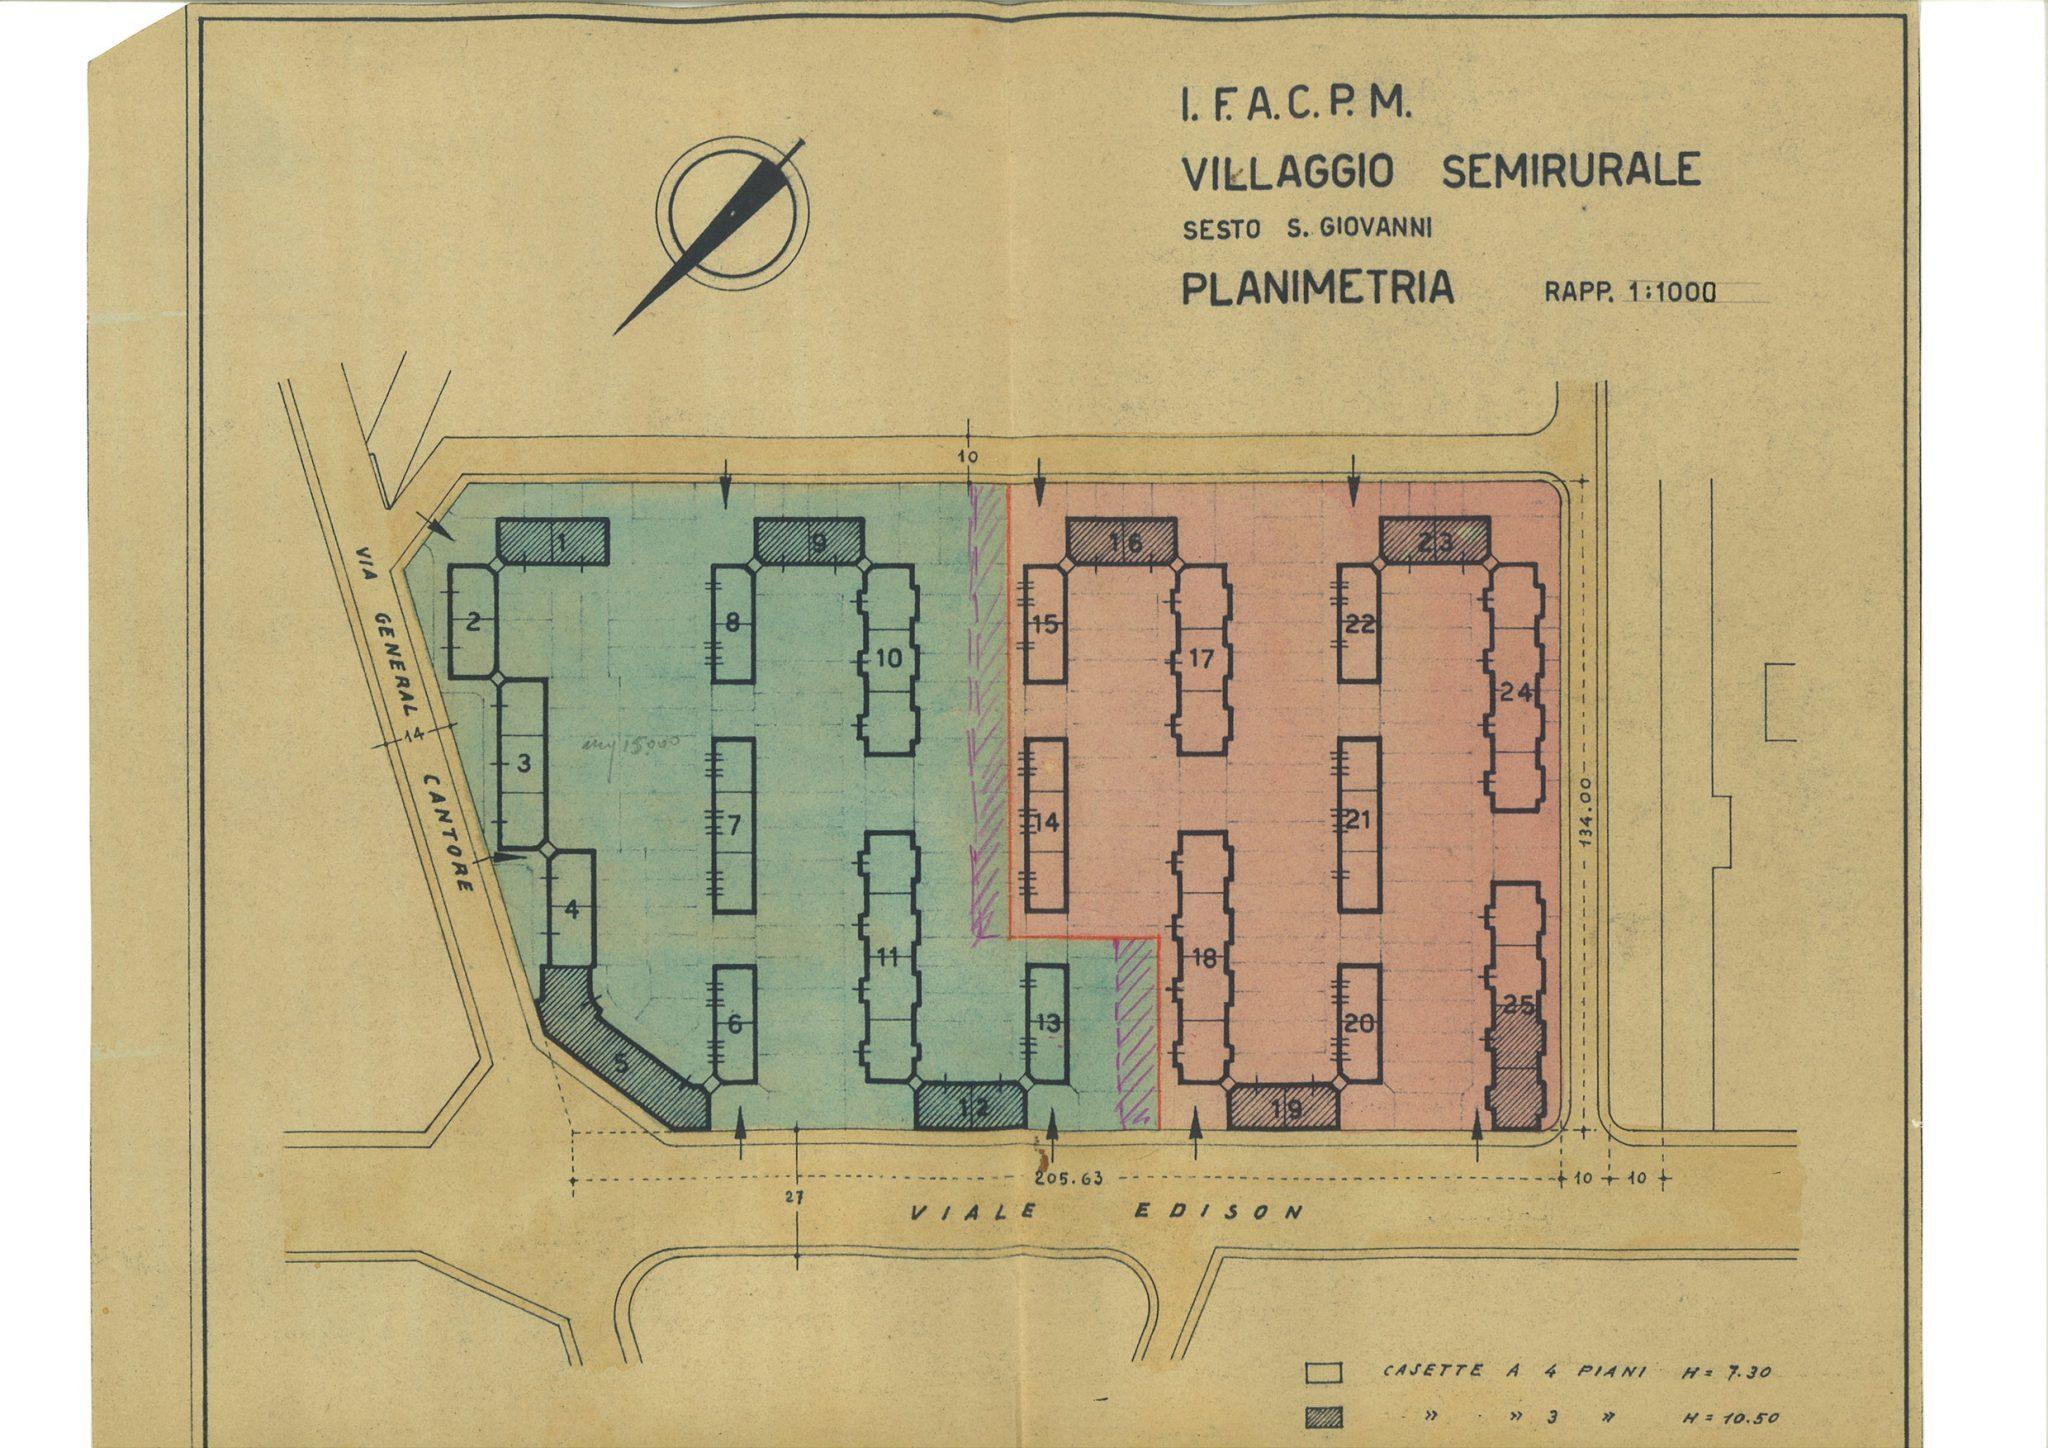 Planimetria Villaggio IFACPM in Sesto San Giovanni (1942)